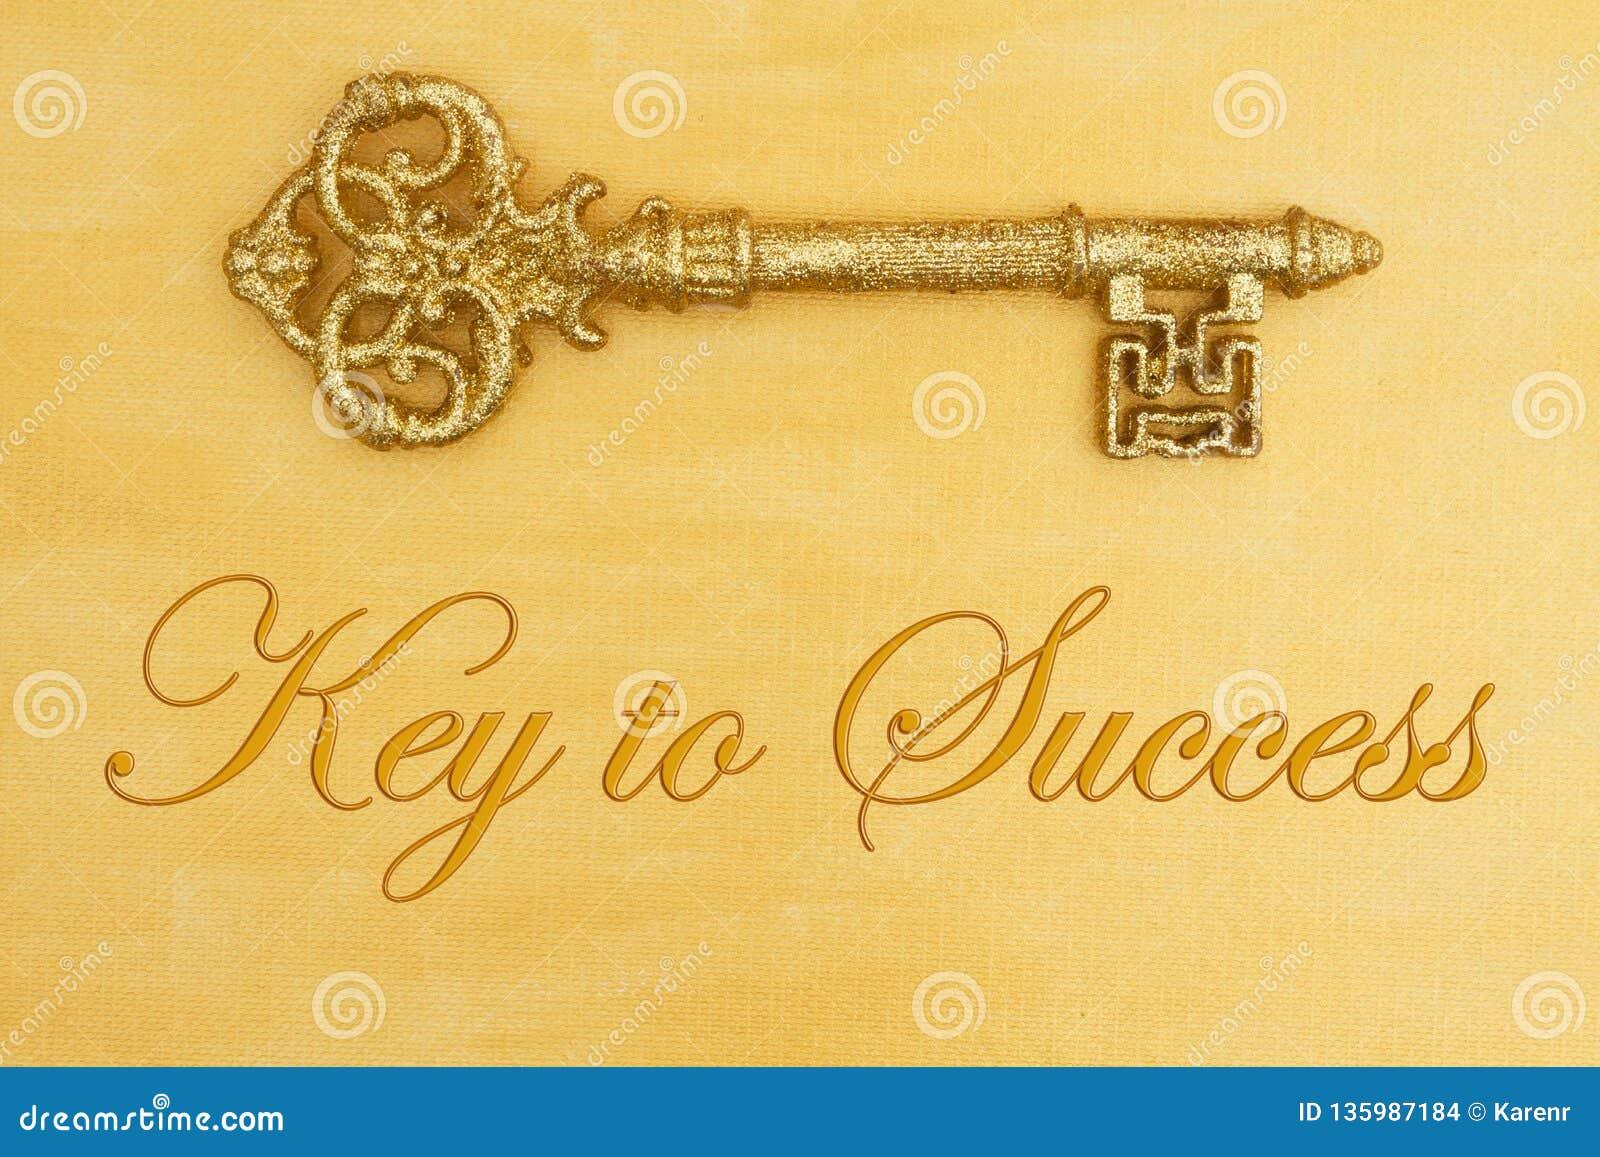 Chave à mensagem de sucesso com ouro afligido pintado à mão com chave dourada